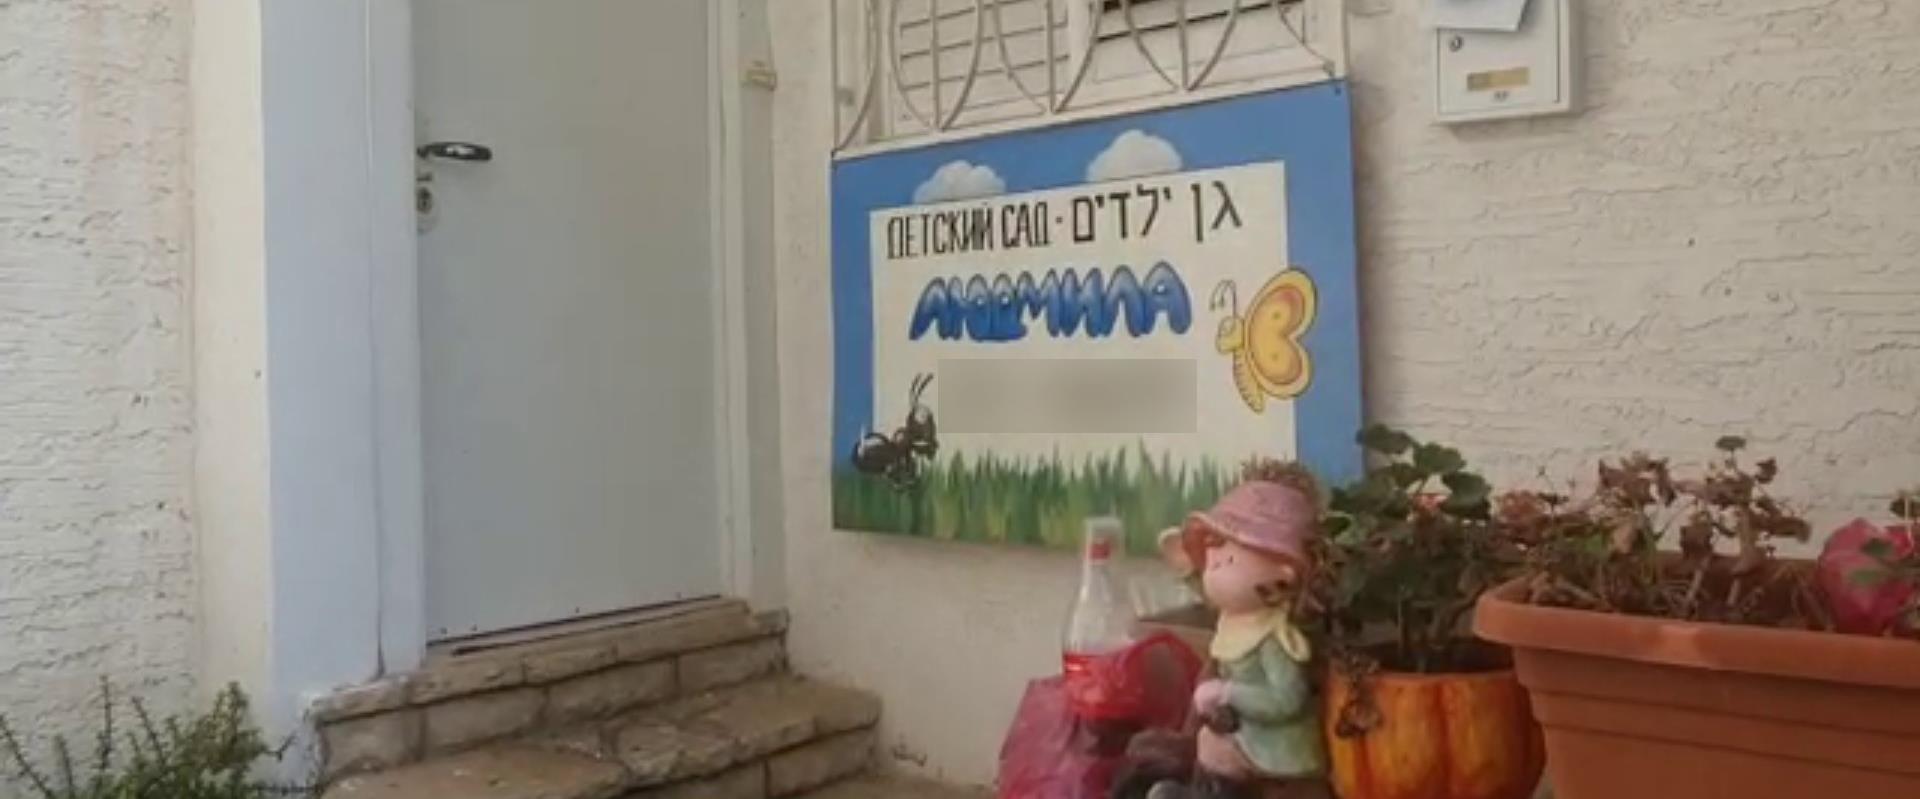 הגן בחיפה שבו נחנק בן השנתיים